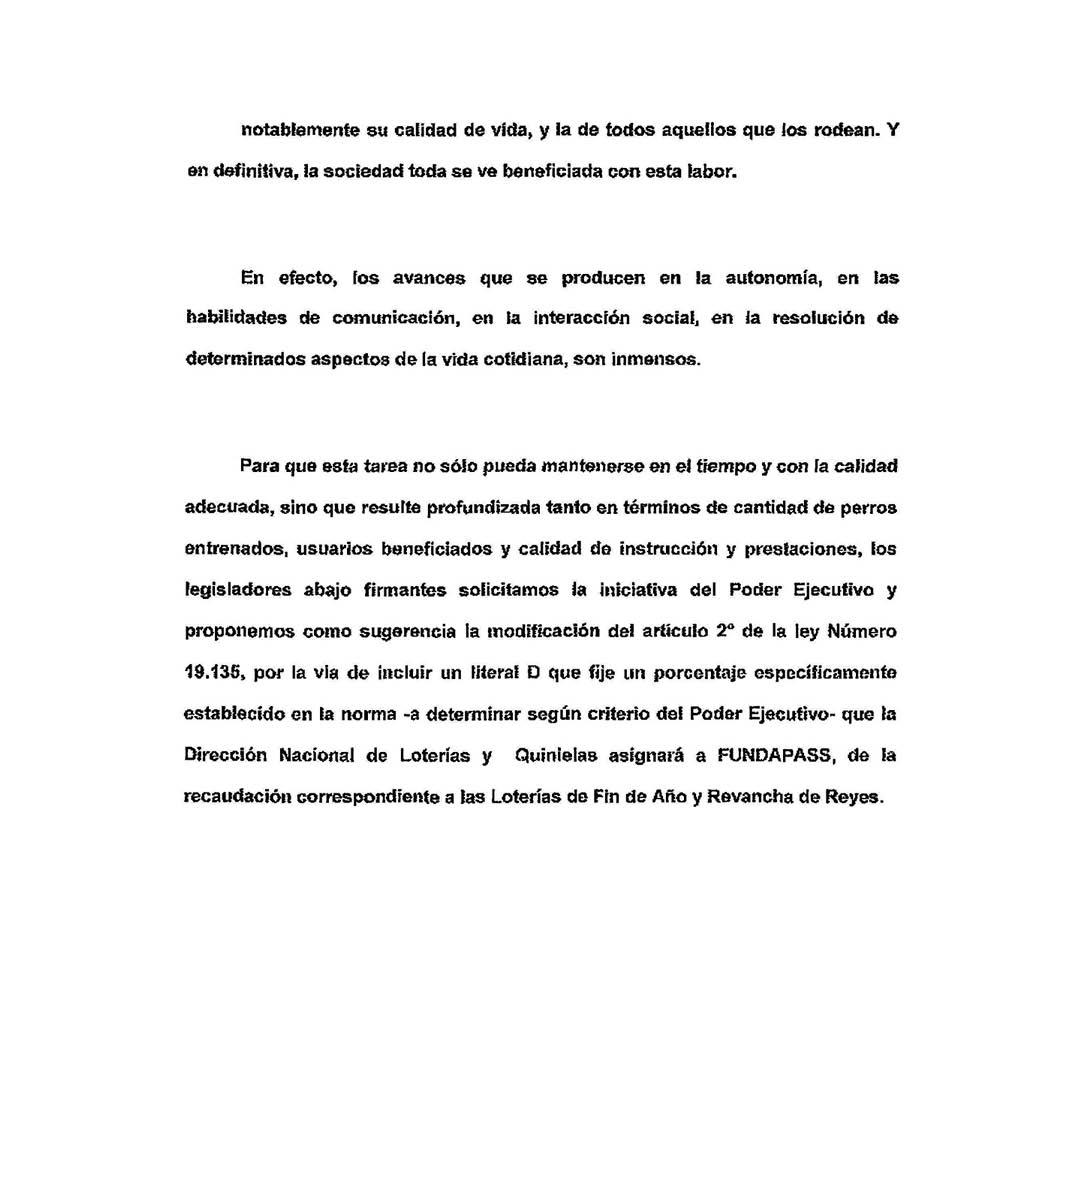 Encantador Reanudar El Asistente De Ortodoncia Colección - Ejemplo ...